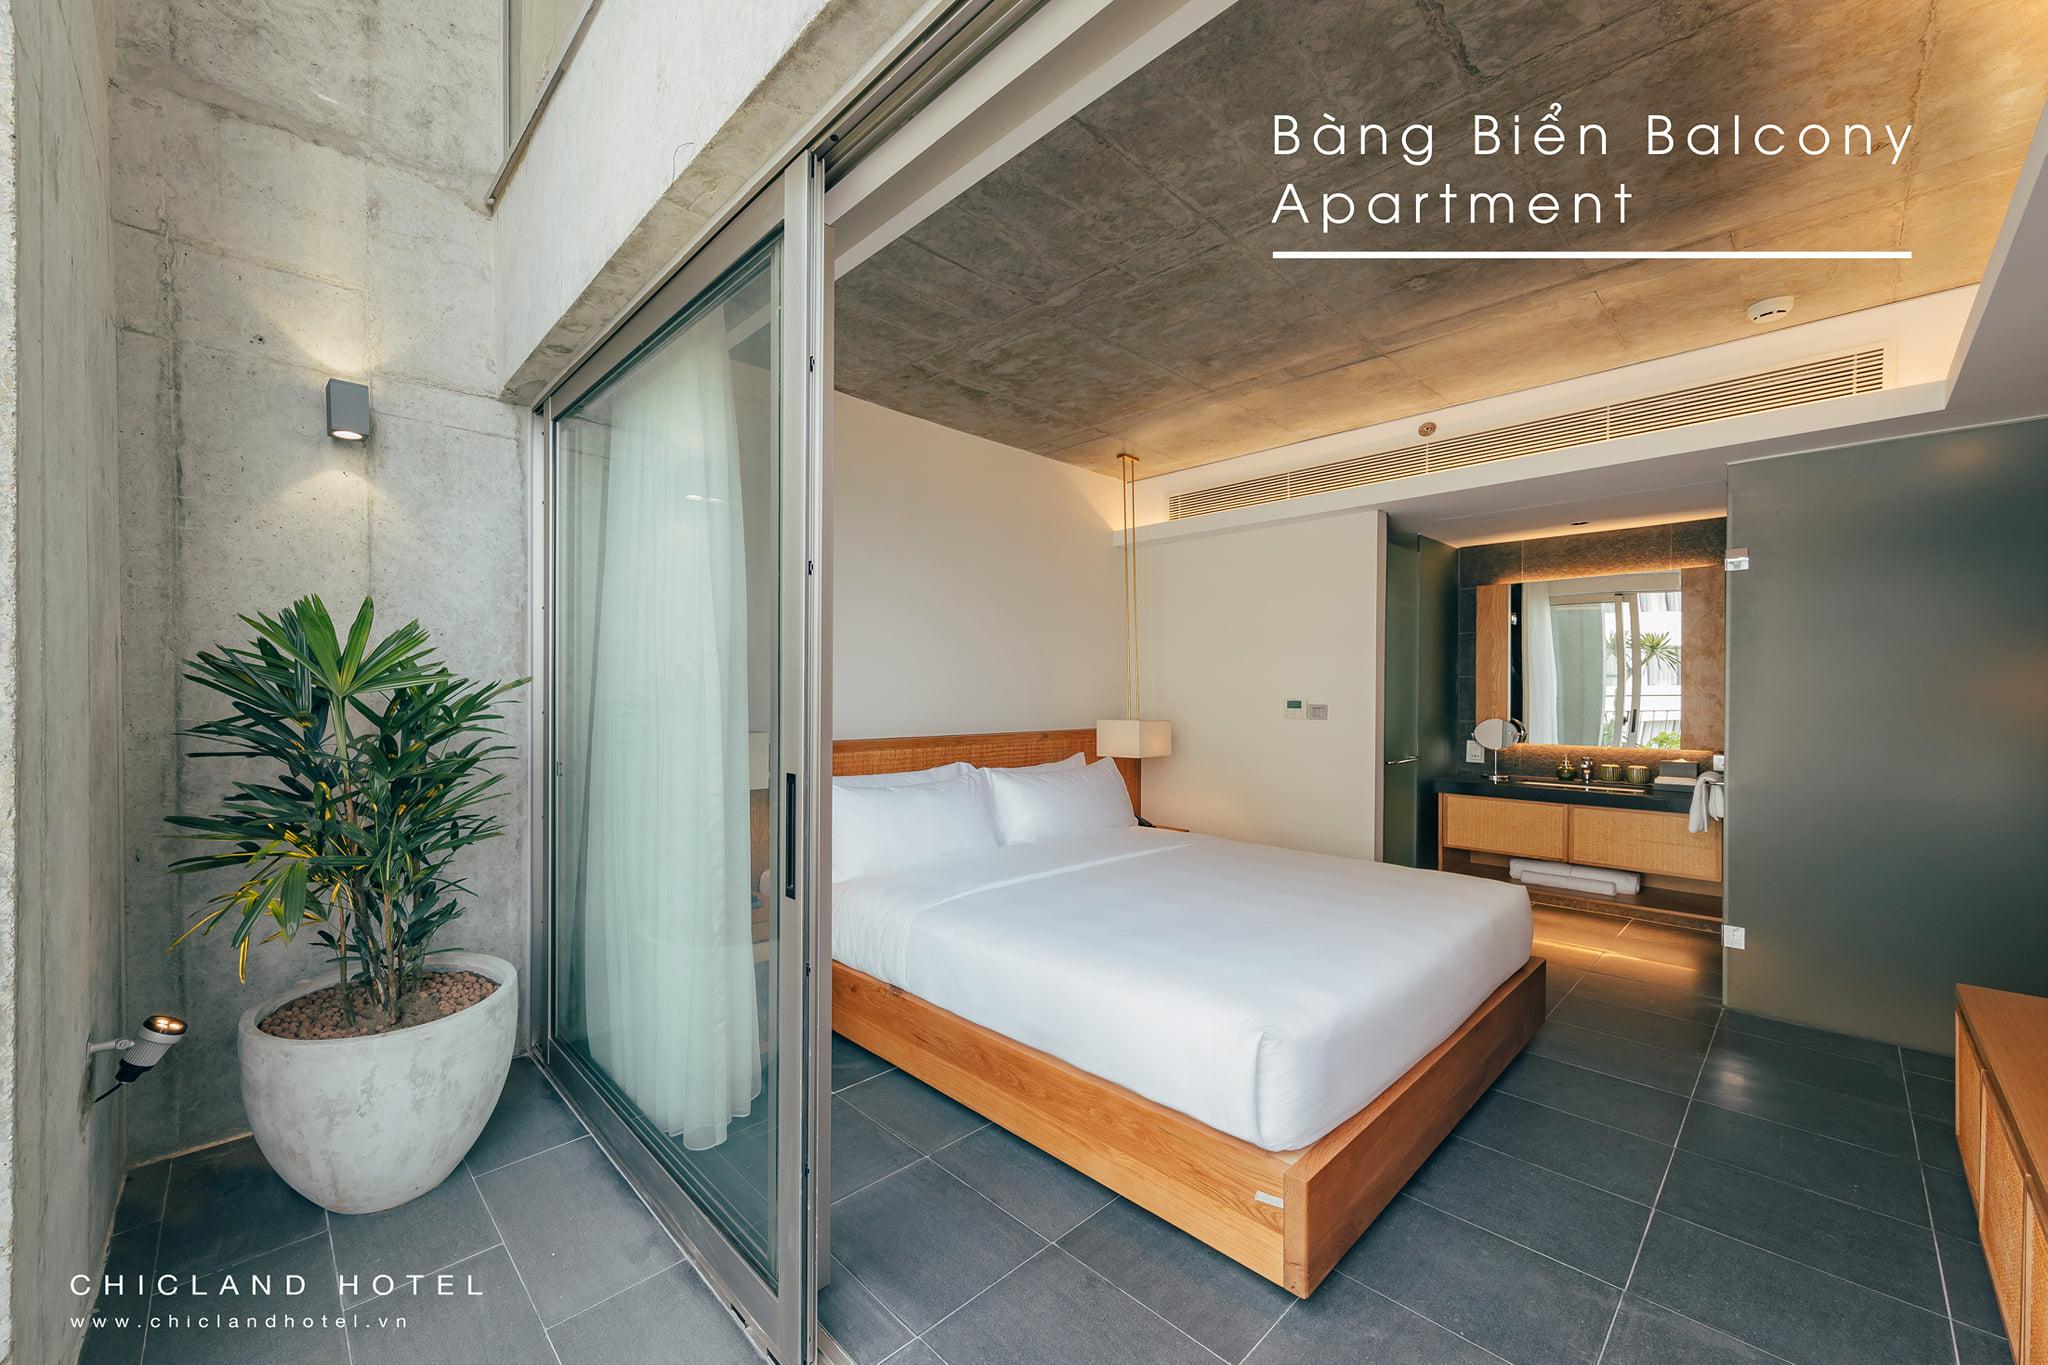 Phòng Bàng Biển Balcony